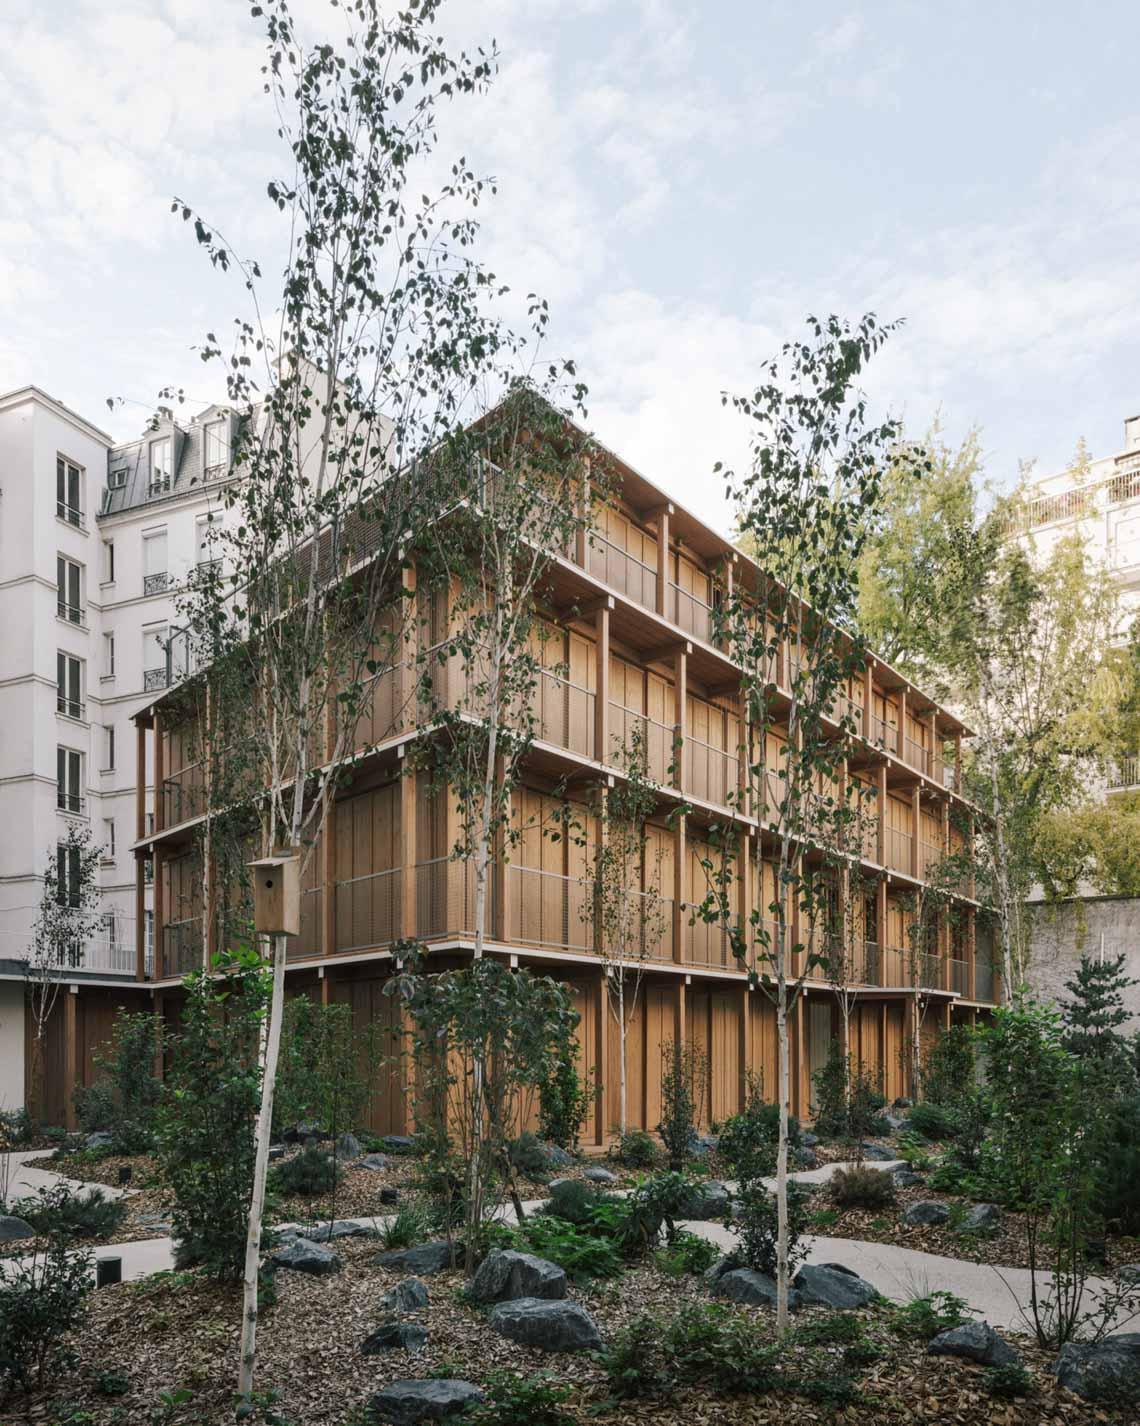 Tòa nhà căn hộ bằng gỗ với thiết kế mang phong cách Nhật Bản - 7